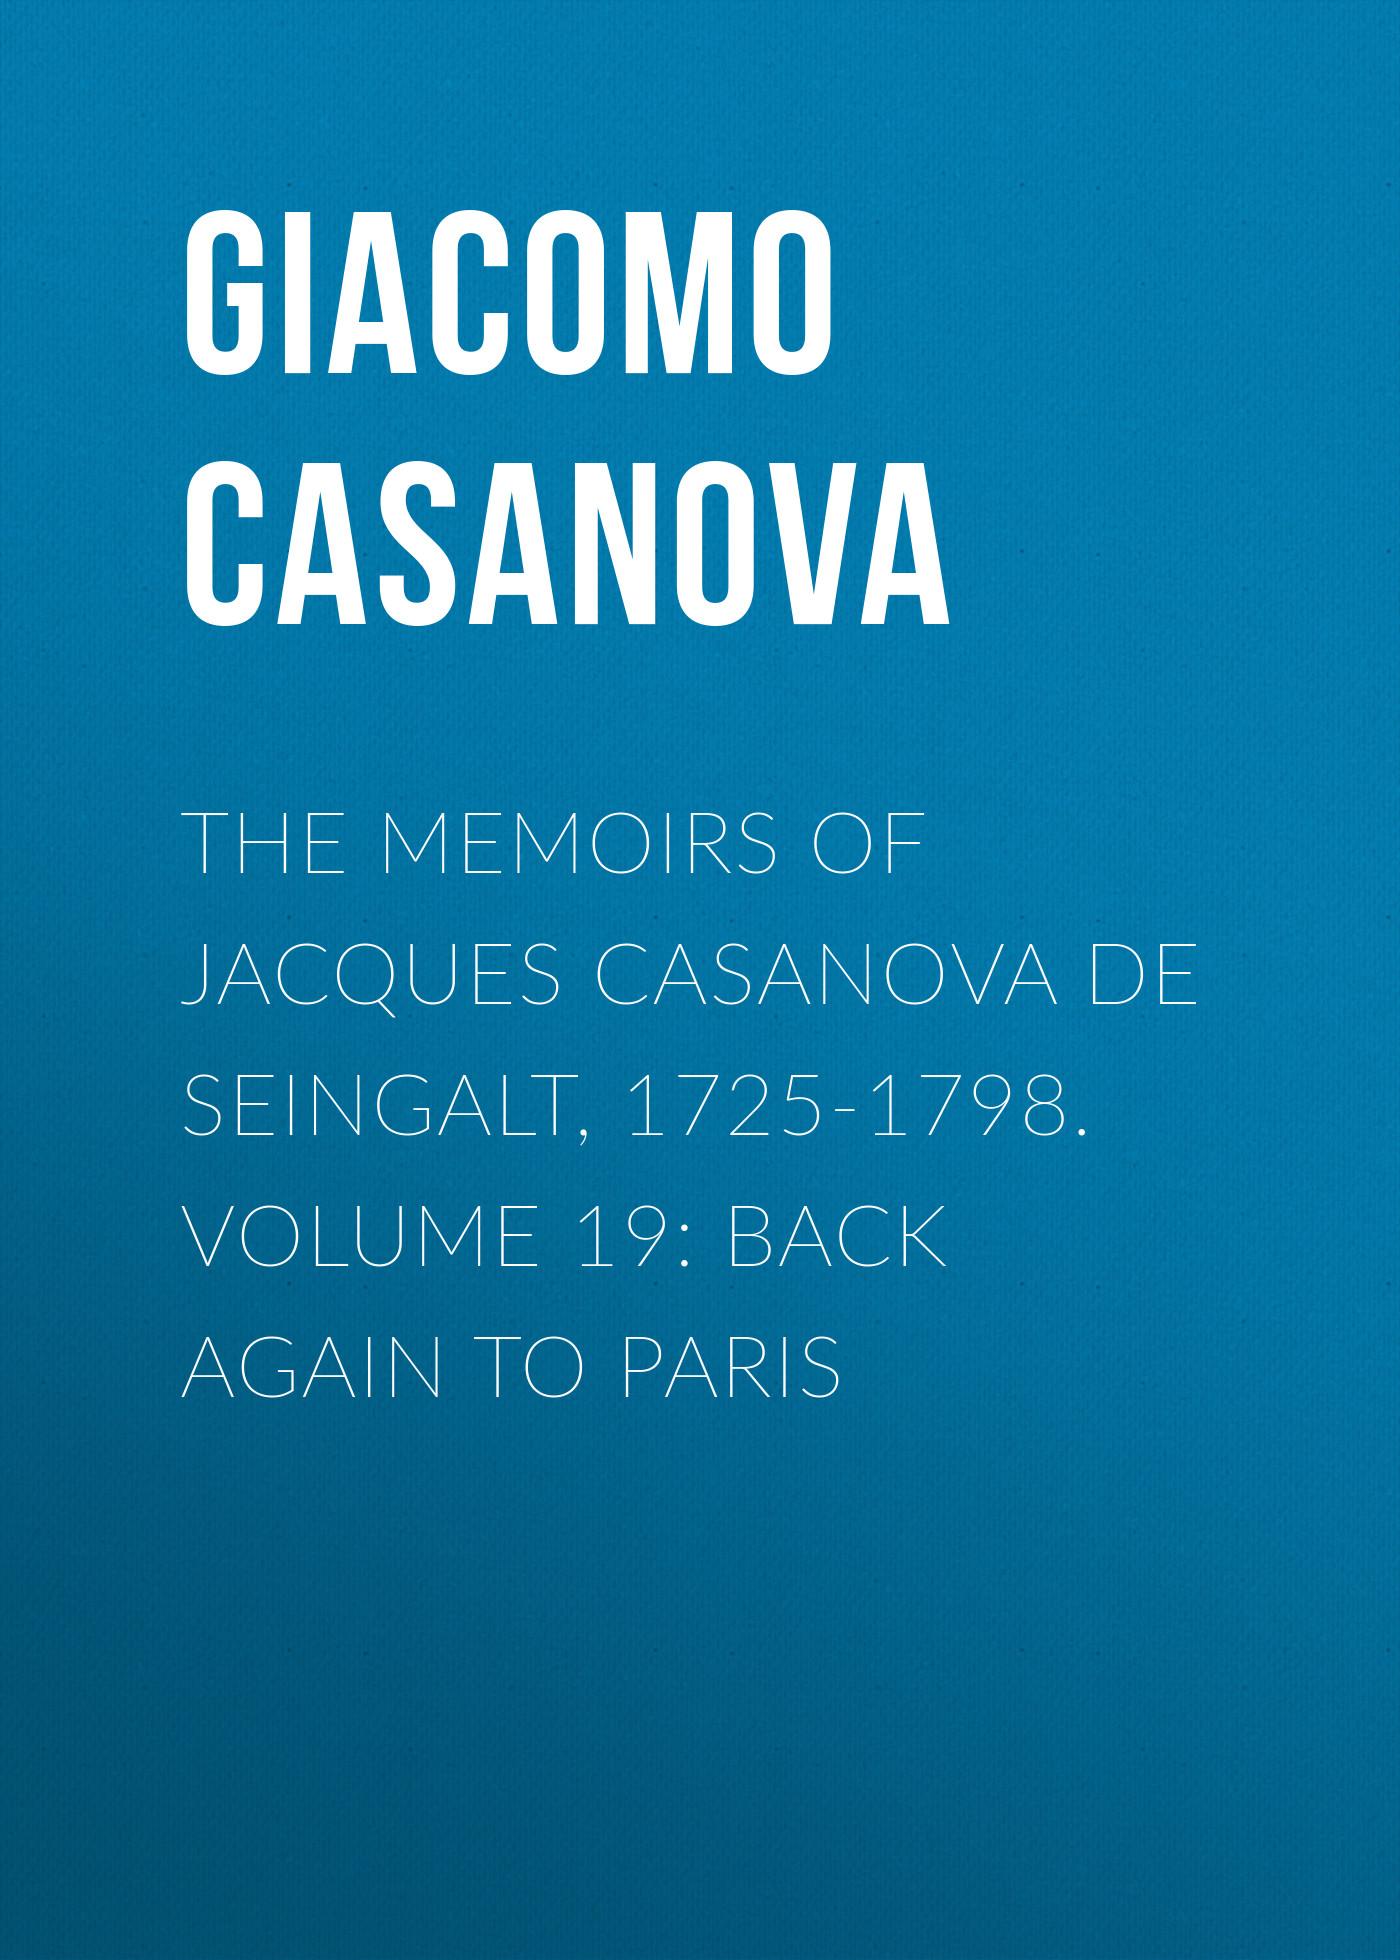 Giacomo Casanova The Memoirs of Jacques Casanova de Seingalt, 1725-1798. Volume 19: Back Again to Paris casanova s return to venice